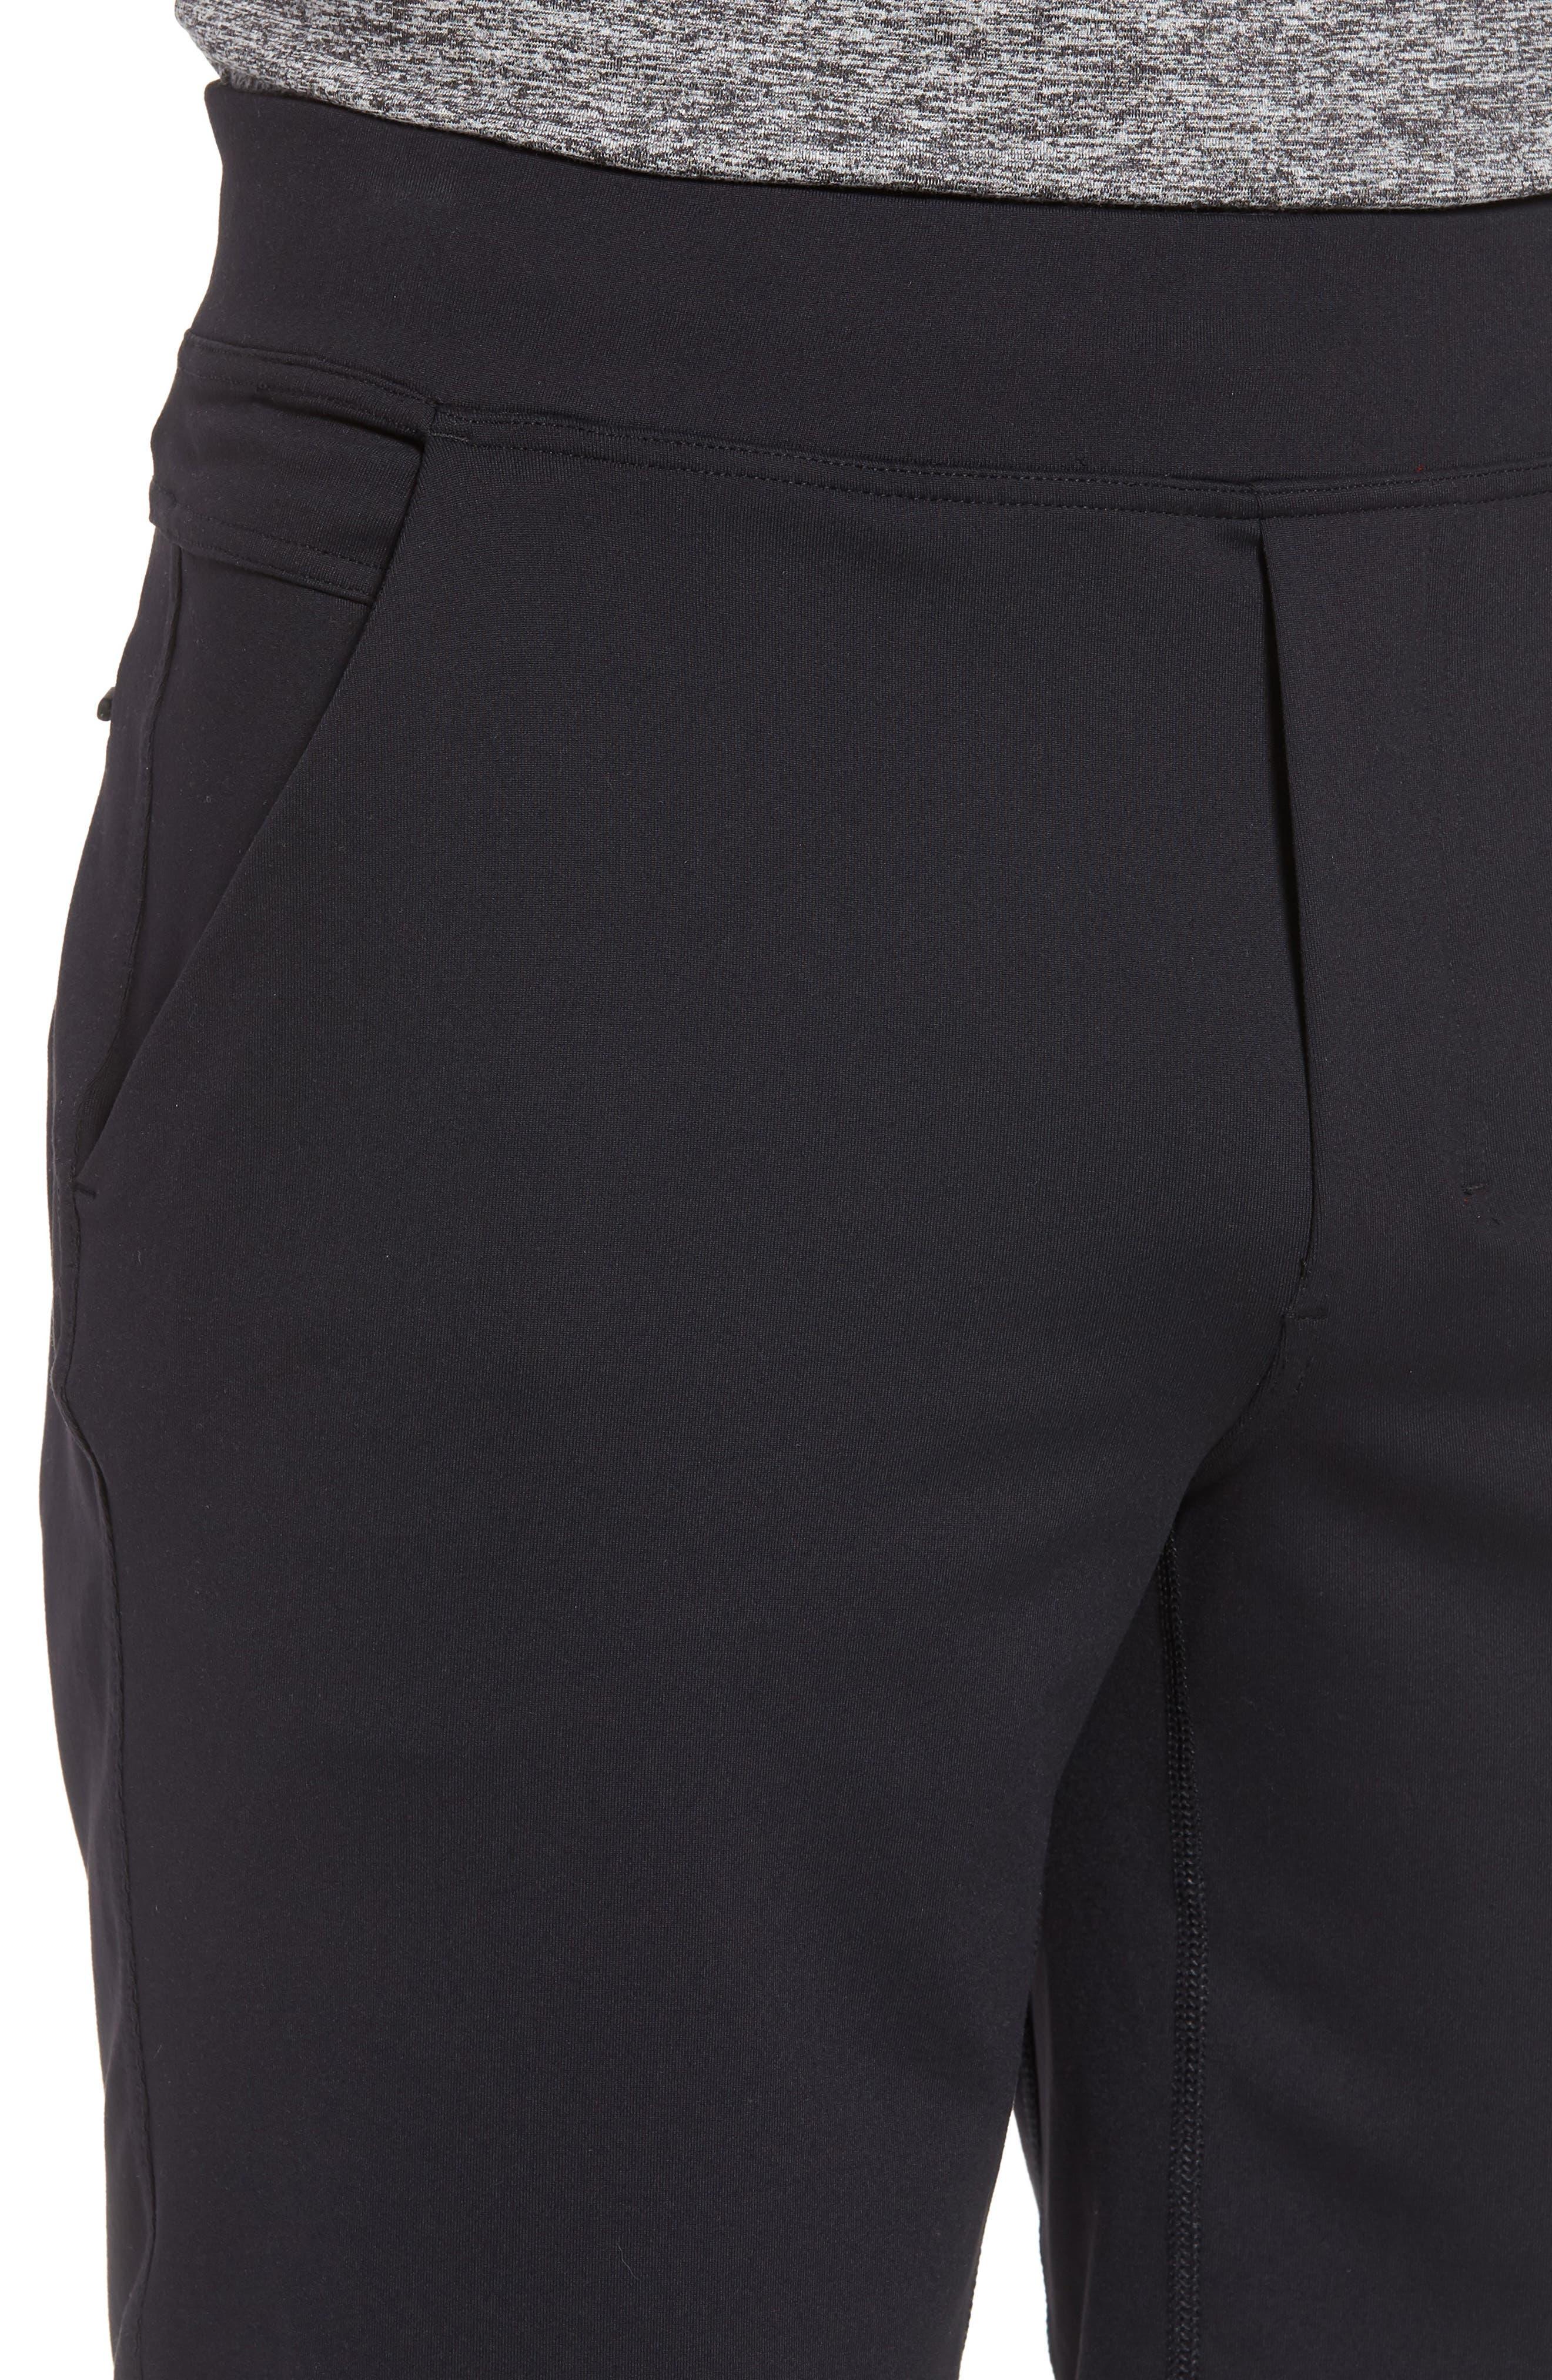 206 Shorts,                             Alternate thumbnail 4, color,                             BLACK